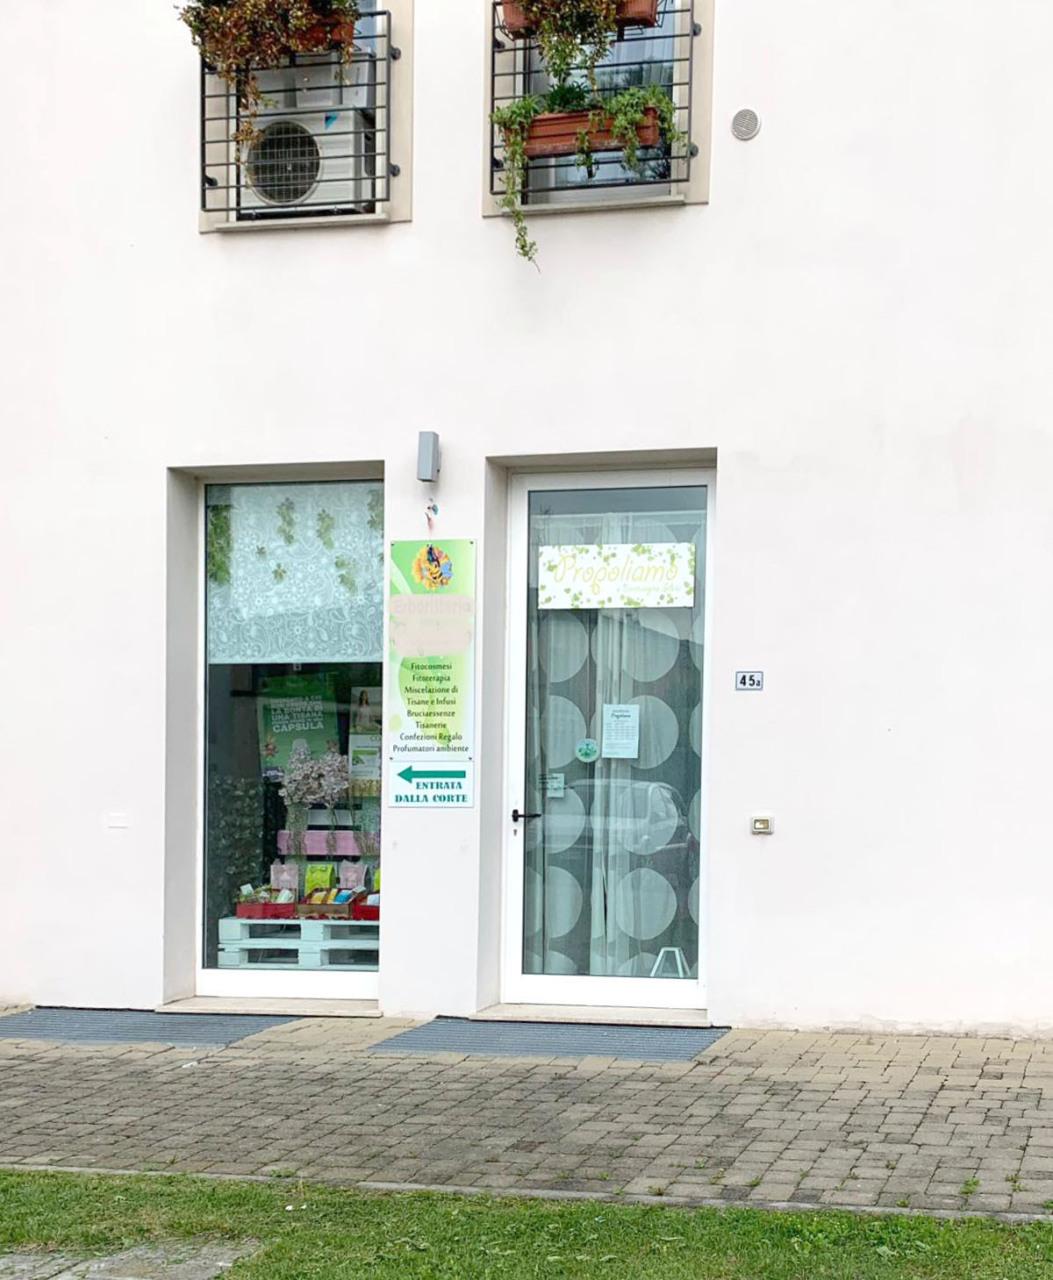 Locale commerciale - Oltre 3 vetrine a Azzano Mella Rif. 10275055